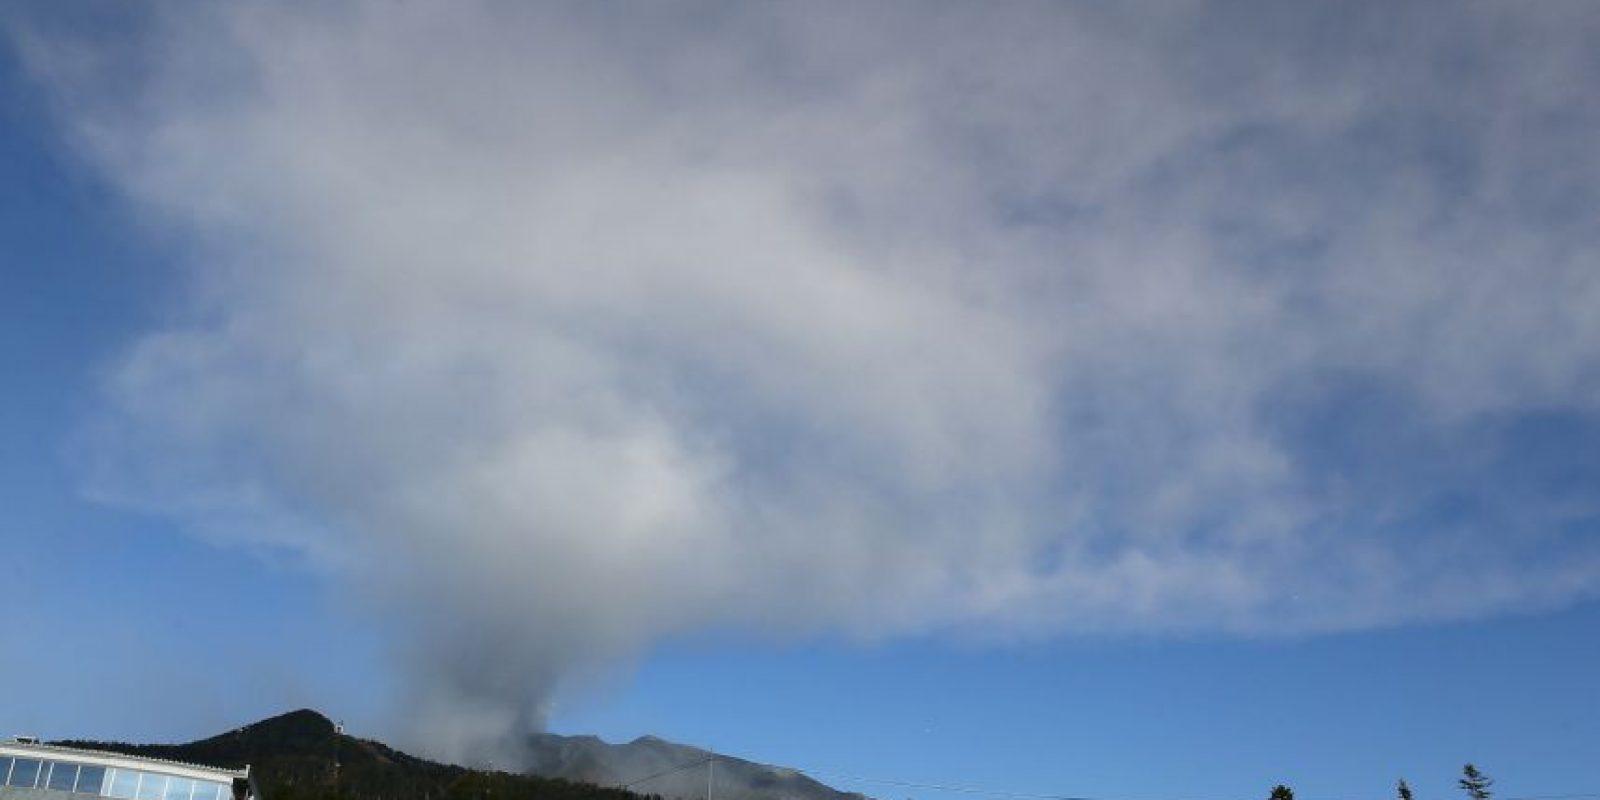 La erupción se dio en septiembre en la isla japonesa de Honshu. Foto:Getty